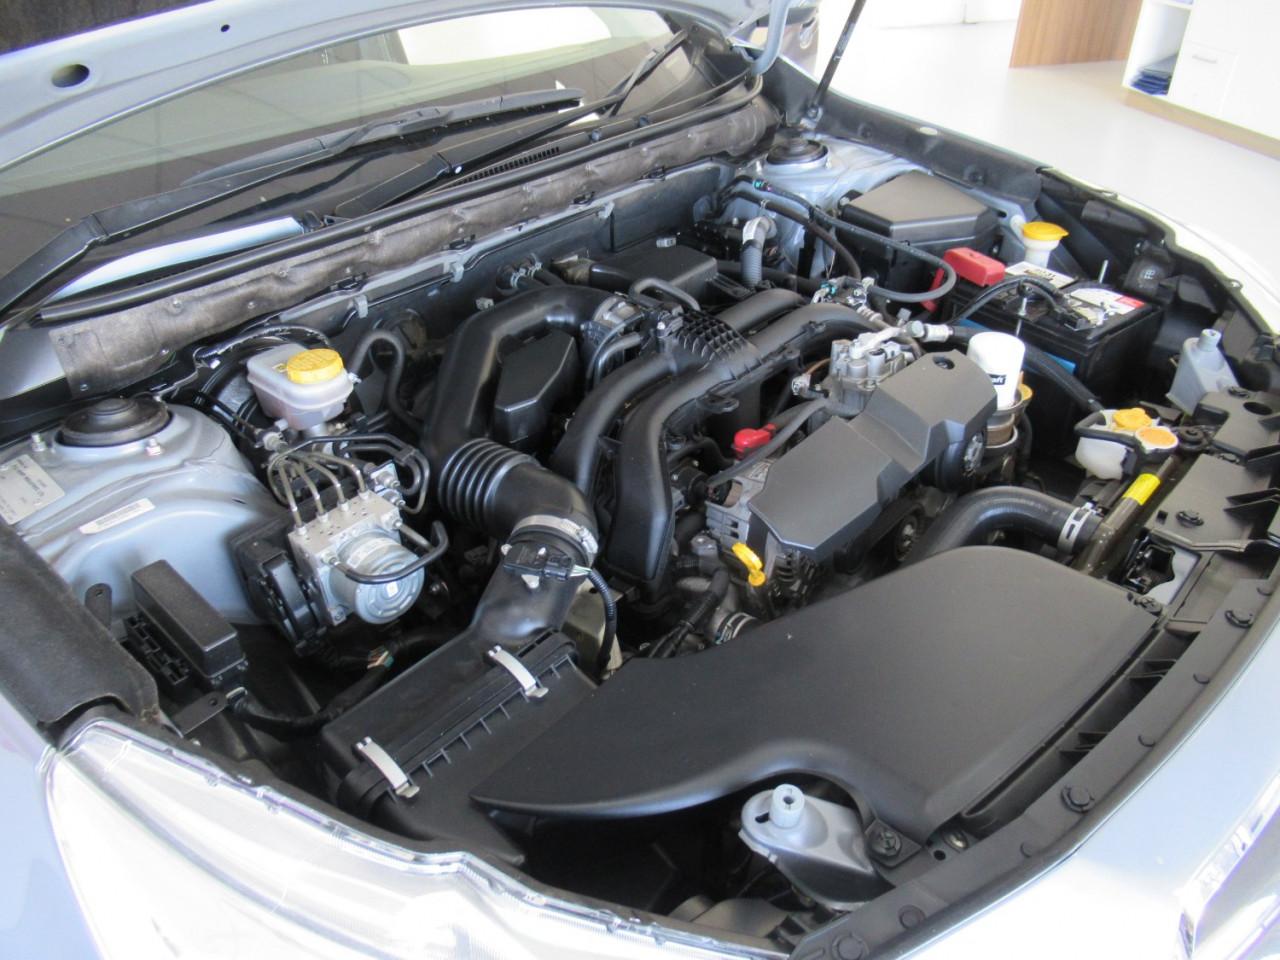 2016 Subaru Liberty 6GEN 2.5i Sedan Image 29